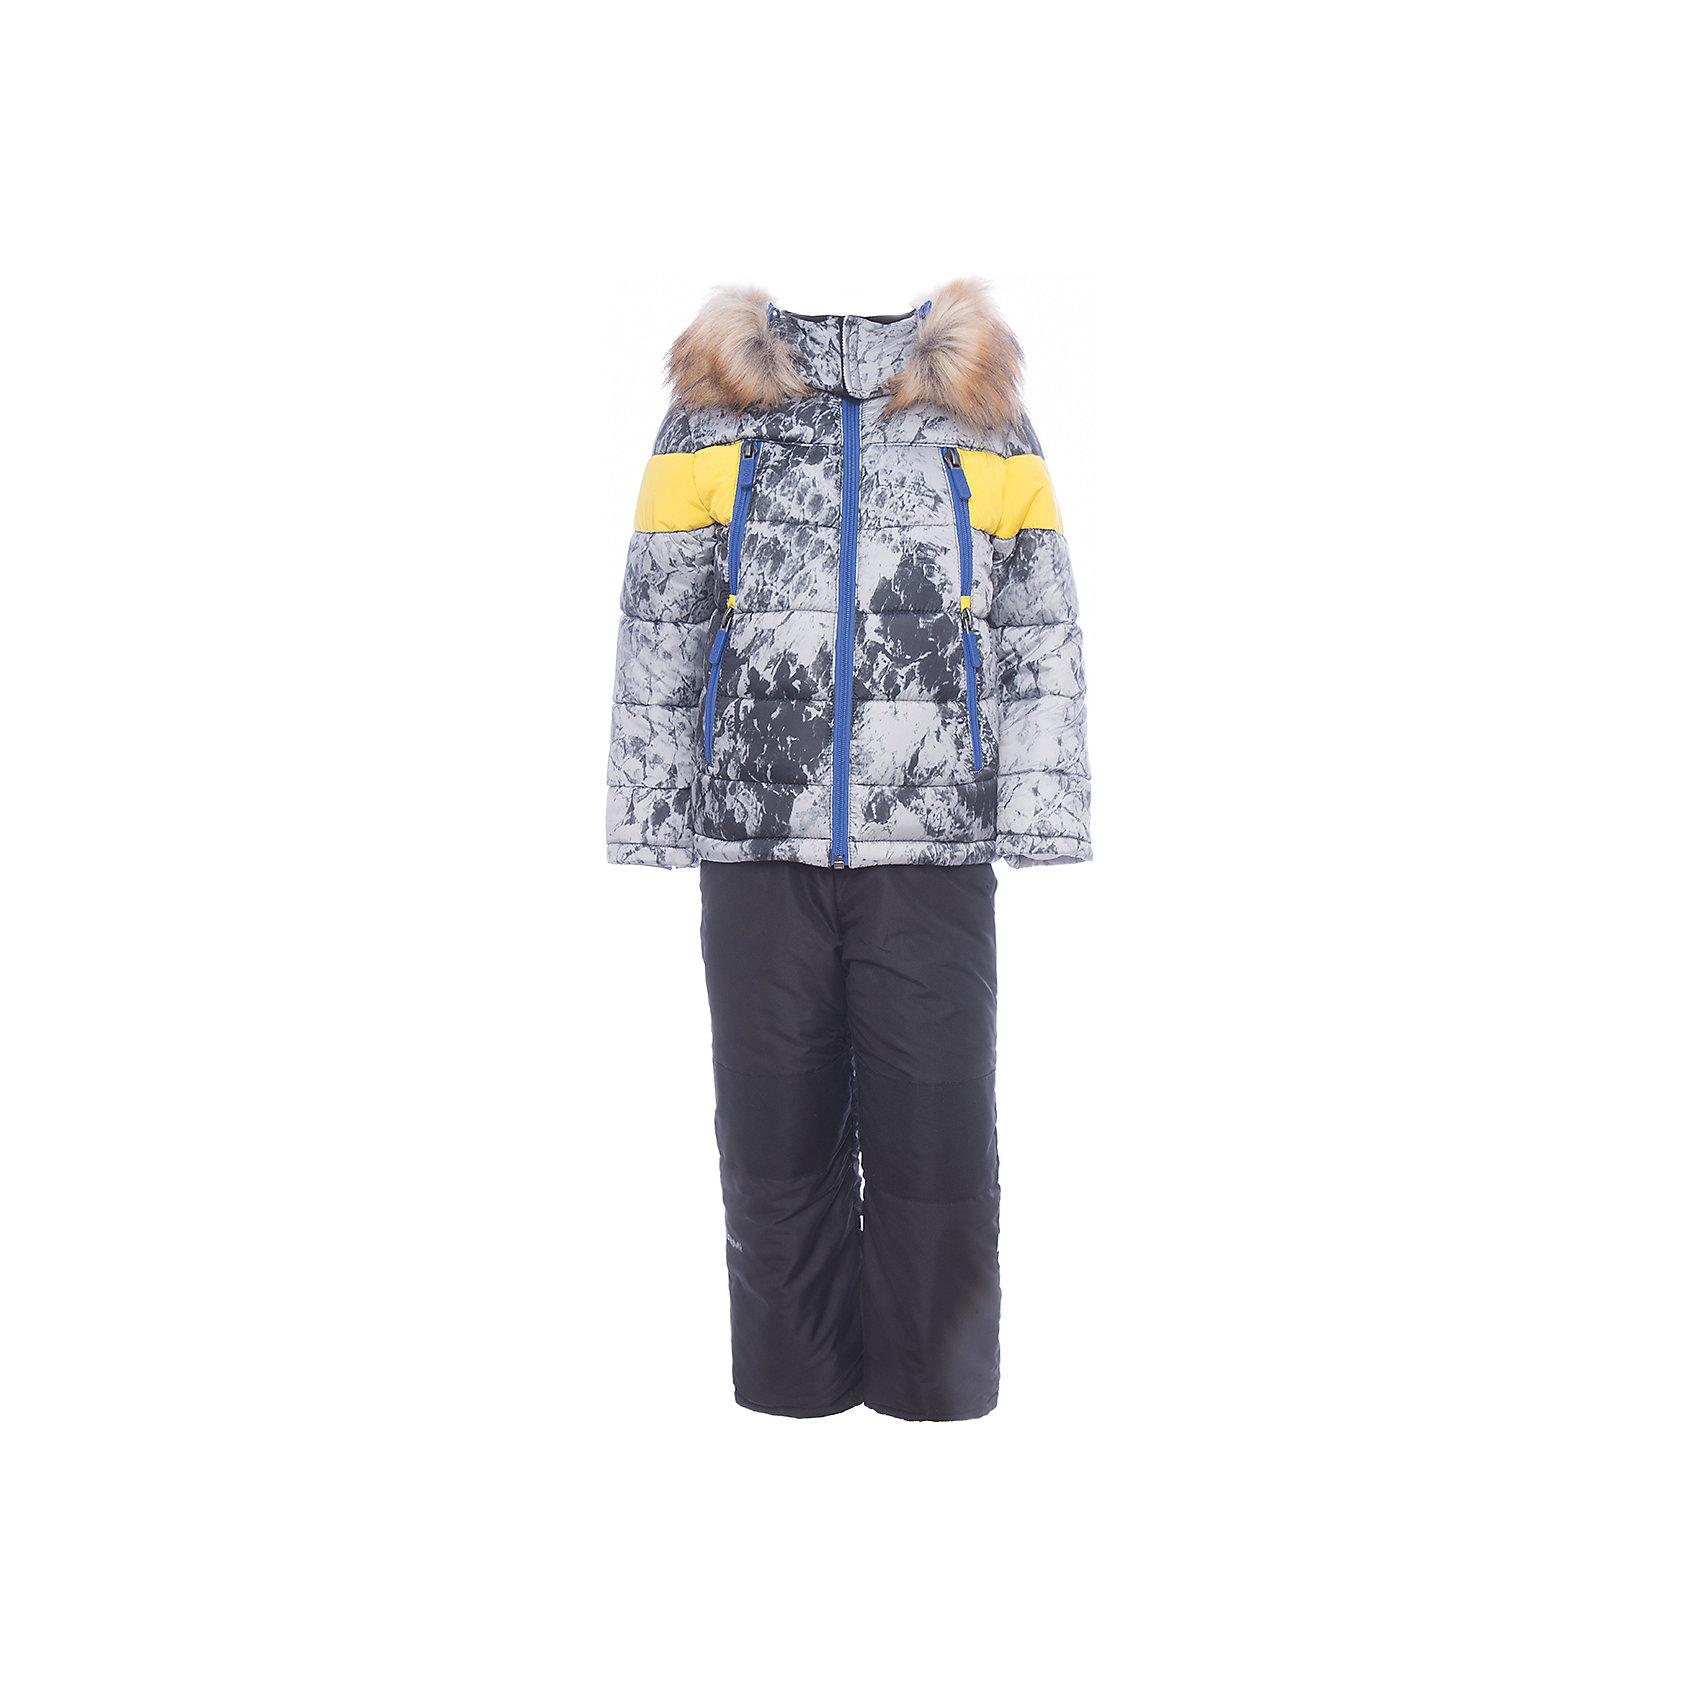 Комплект: куртка и полукомбинезон BOOM by Orby для мальчикаВерхняя одежда<br>Характеристики товара:<br><br>• цвет: синий<br>• комплектация: куртка, полукомбинезон <br>• состав ткани: таффета pu milky<br>• подкладка: хлопок, флис, полиэстер пуходержащий<br>• утеплитель: эко синтепон<br>• сезон: зима<br>• температурный режим: от 0 до -30С<br>• плотность утеплителя: куртка - 400 г/м2, полукомбинезон - 200 г/м2<br>• капюшон: с мехом<br>• застежка: молния<br>• страна бренда: Россия<br>• страна изготовитель: Россия<br><br>Этот зимний комплект для детей состоит из куртки и полукомбинезона. Теплая зимняя куртка для ребенка дополнена капюшоном с опушкой. Комплект для мальчика дополнен удобными карманами. Этот зимний детский комплект декорирован стильным принтом. <br><br>Комплект: куртка и полукомбинезон для мальчика BOOM by Orby (Бум бай Орби) можно купить в нашем интернет-магазине.<br><br>Ширина мм: 356<br>Глубина мм: 10<br>Высота мм: 245<br>Вес г: 519<br>Цвет: белый<br>Возраст от месяцев: 60<br>Возраст до месяцев: 72<br>Пол: Мужской<br>Возраст: Детский<br>Размер: 116,122,86,92,98,104,110<br>SKU: 7090734